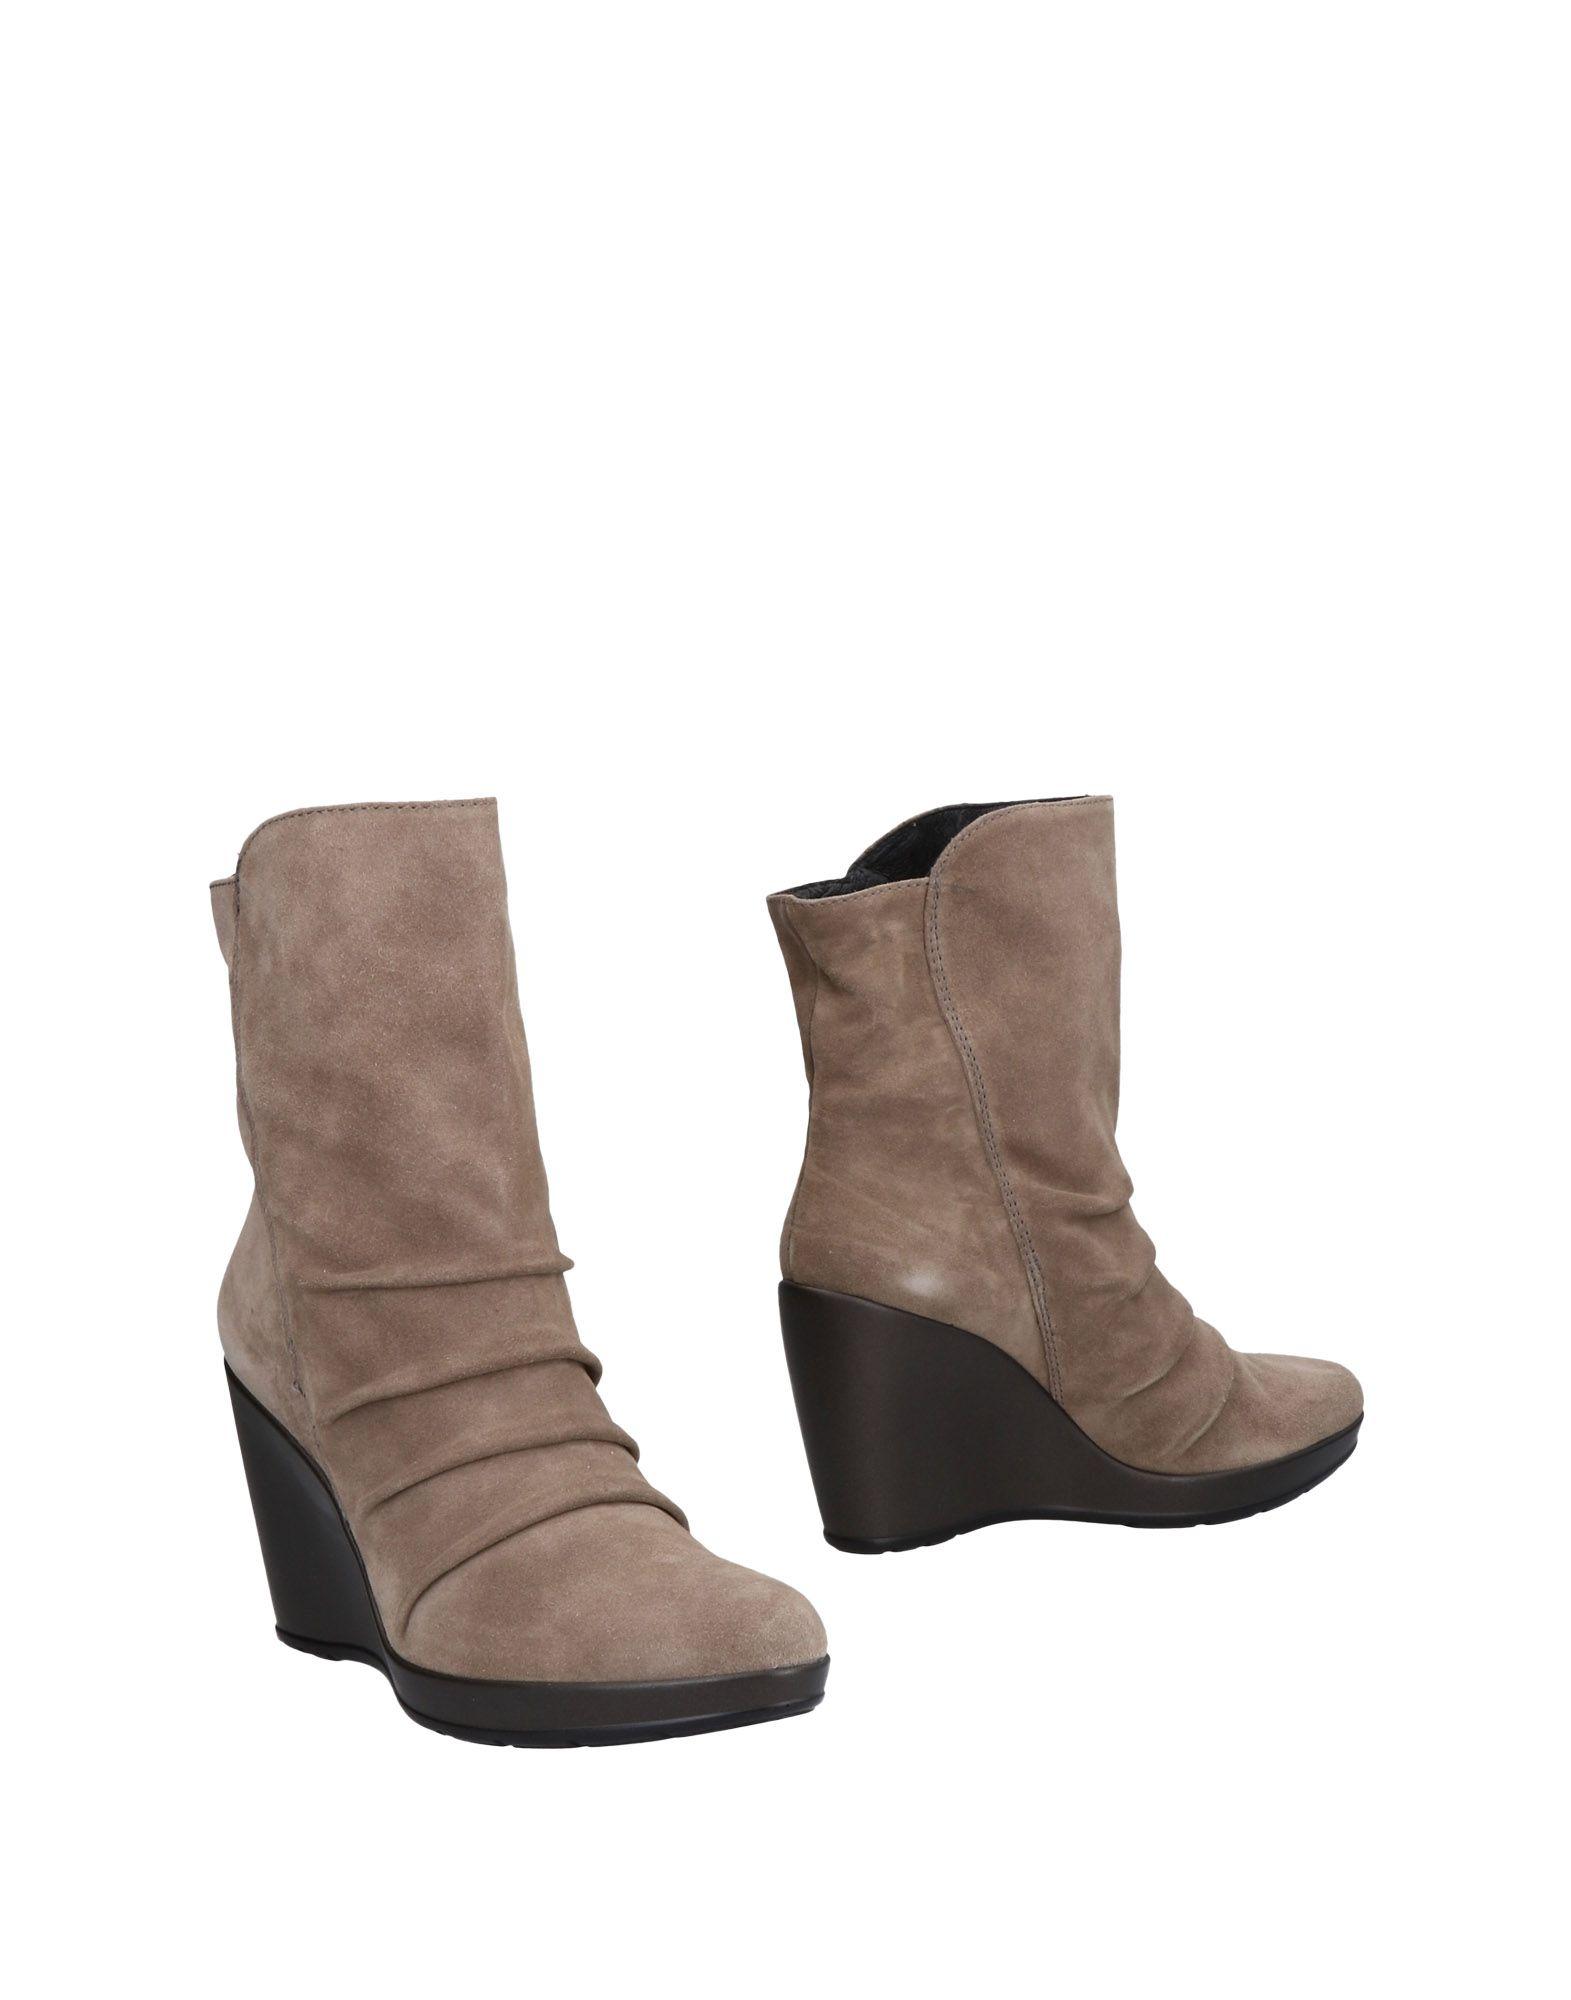 Gut um billige Damen Schuhe zu tragenJeannot Stiefelette Damen billige  11466747MB d311de